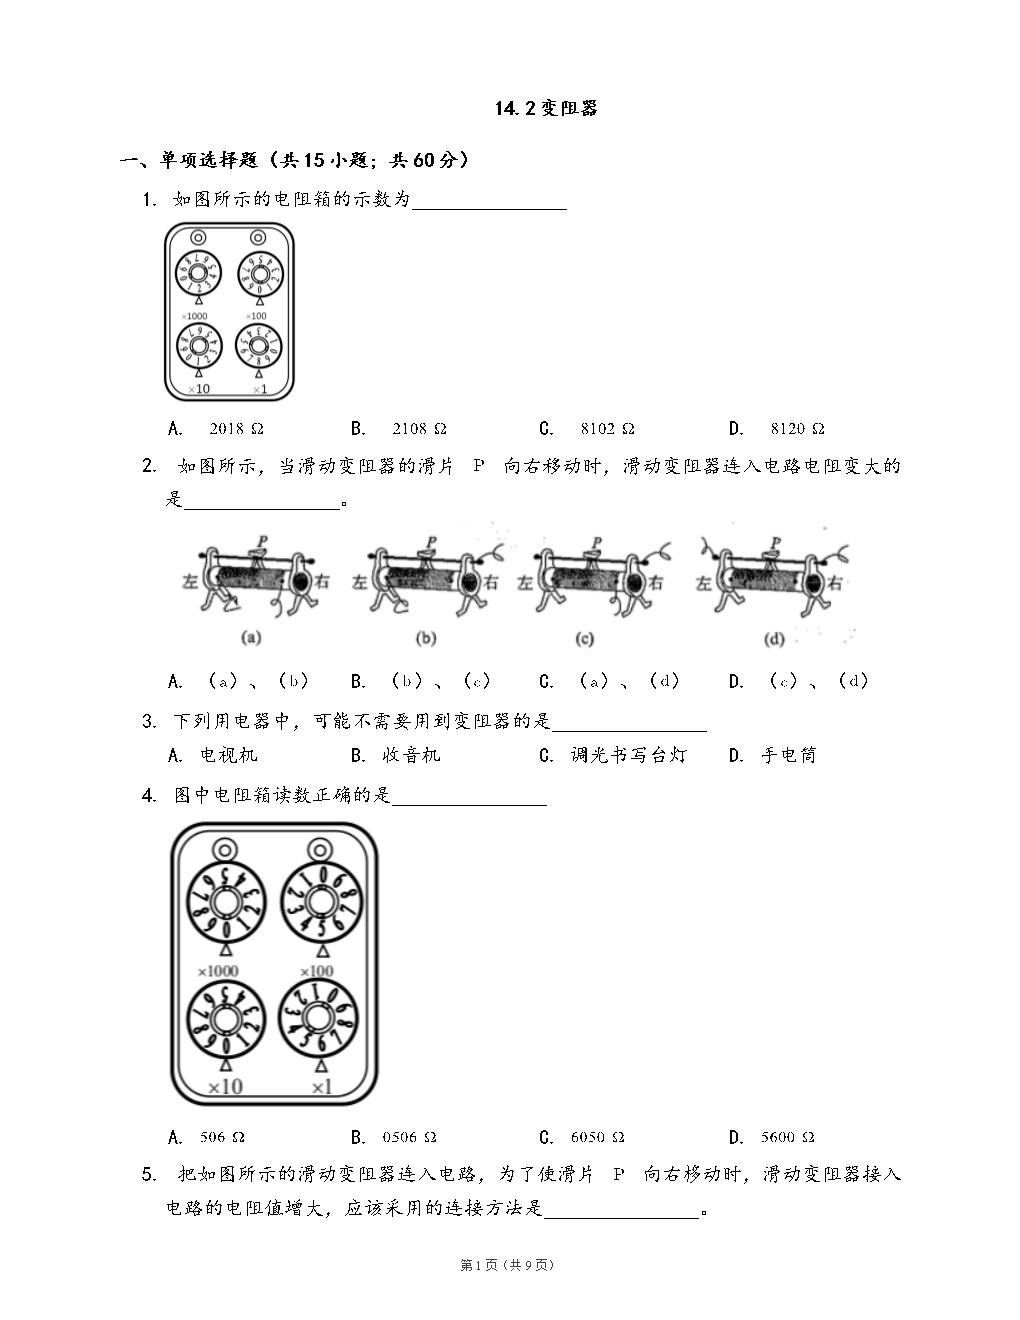 苏科版九年级物理上册同步练习14.2变阻器(word版,含答案解析).docx